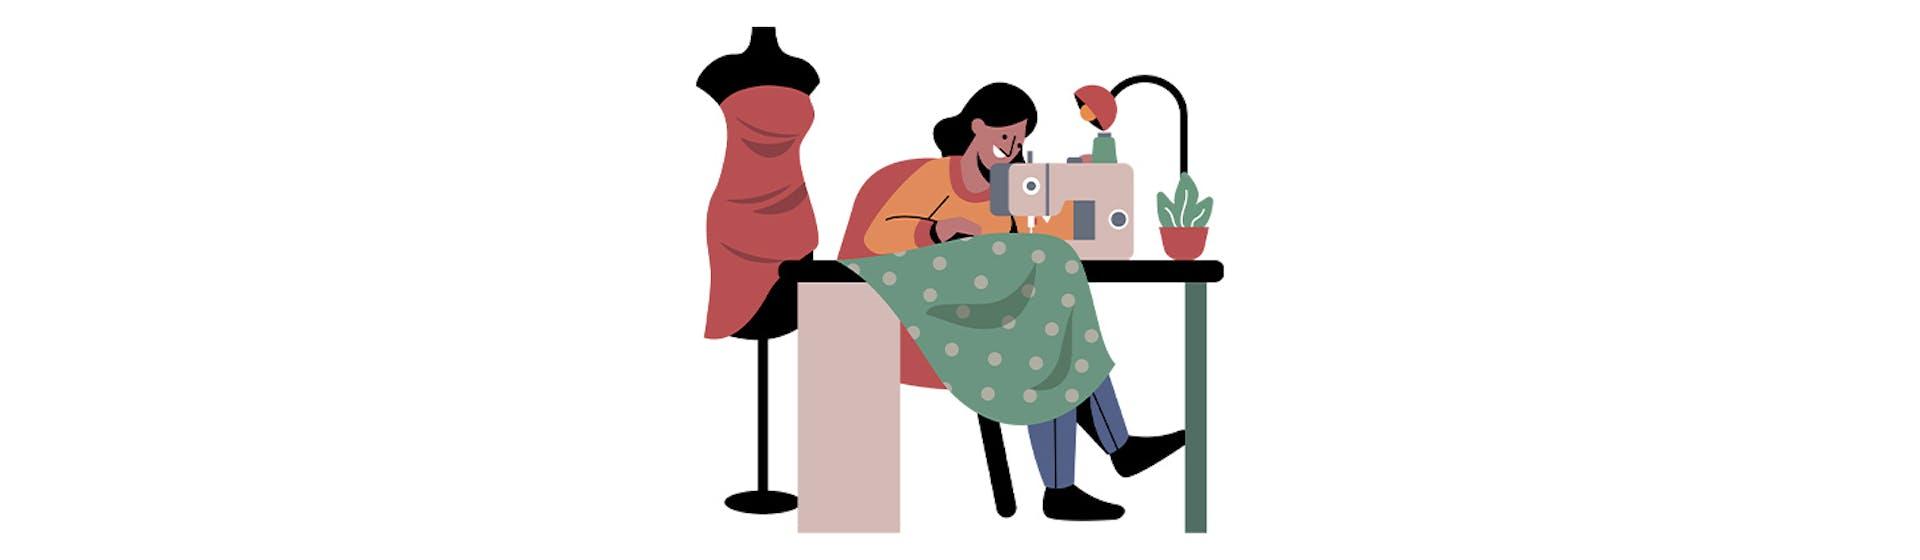 Reglas para patronaje ¡Aprende a confeccionar tus propias prendas!